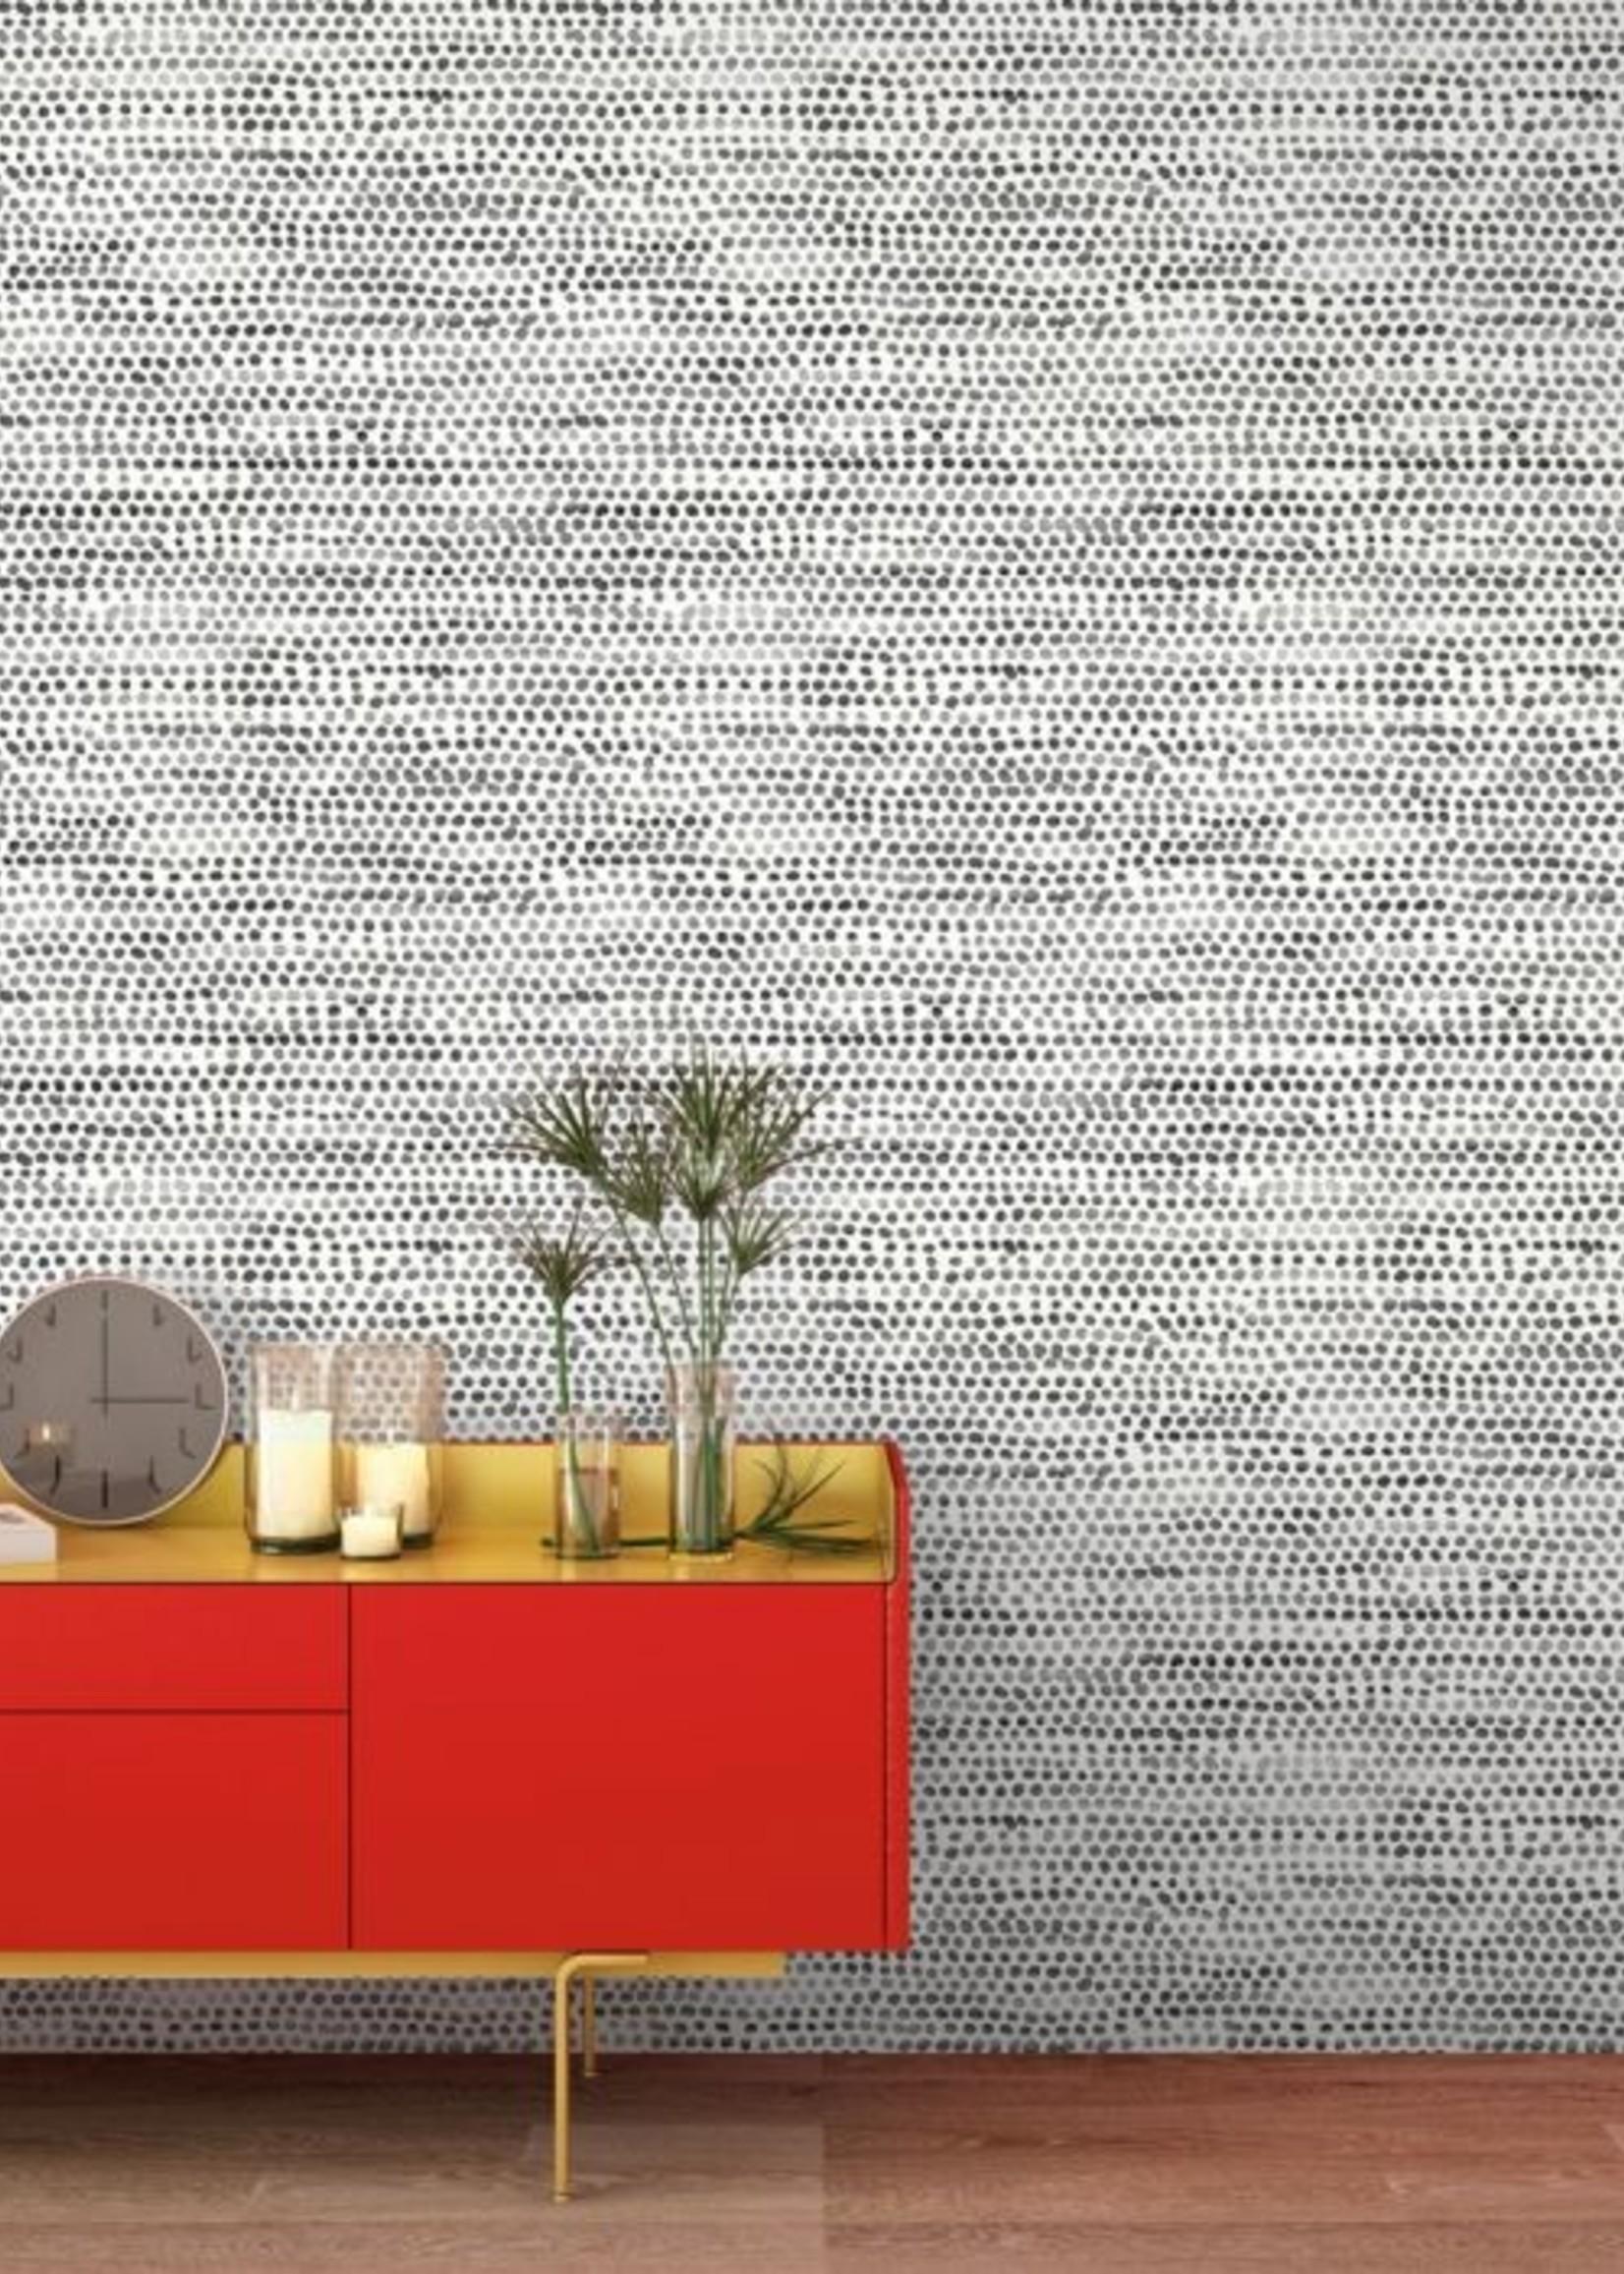 Moire Dots Black & White Wallpaper - Single